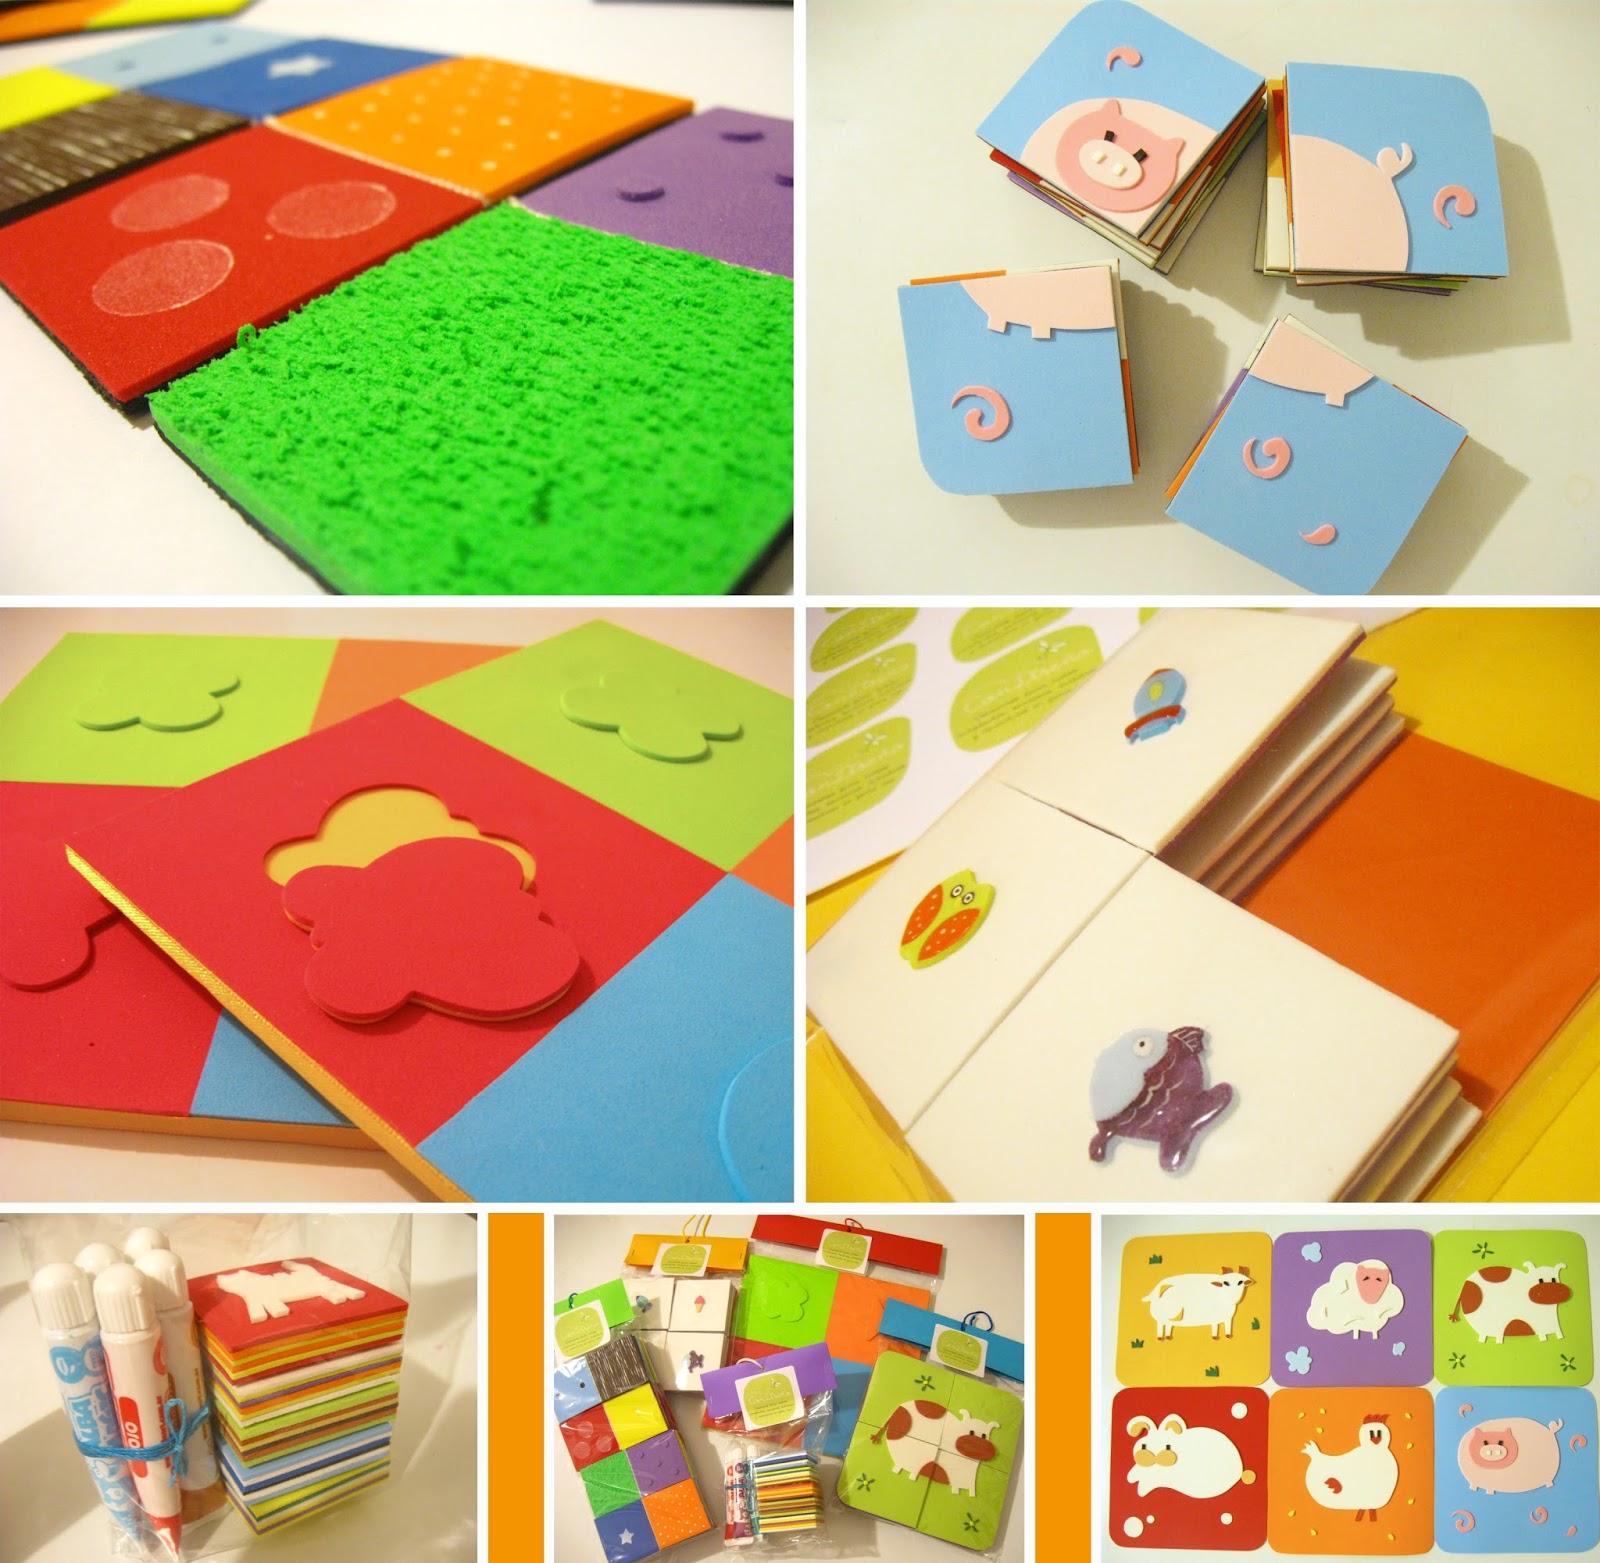 Accesorios Infantiles Con Diseno Juegos Didacticos En Goma Eva